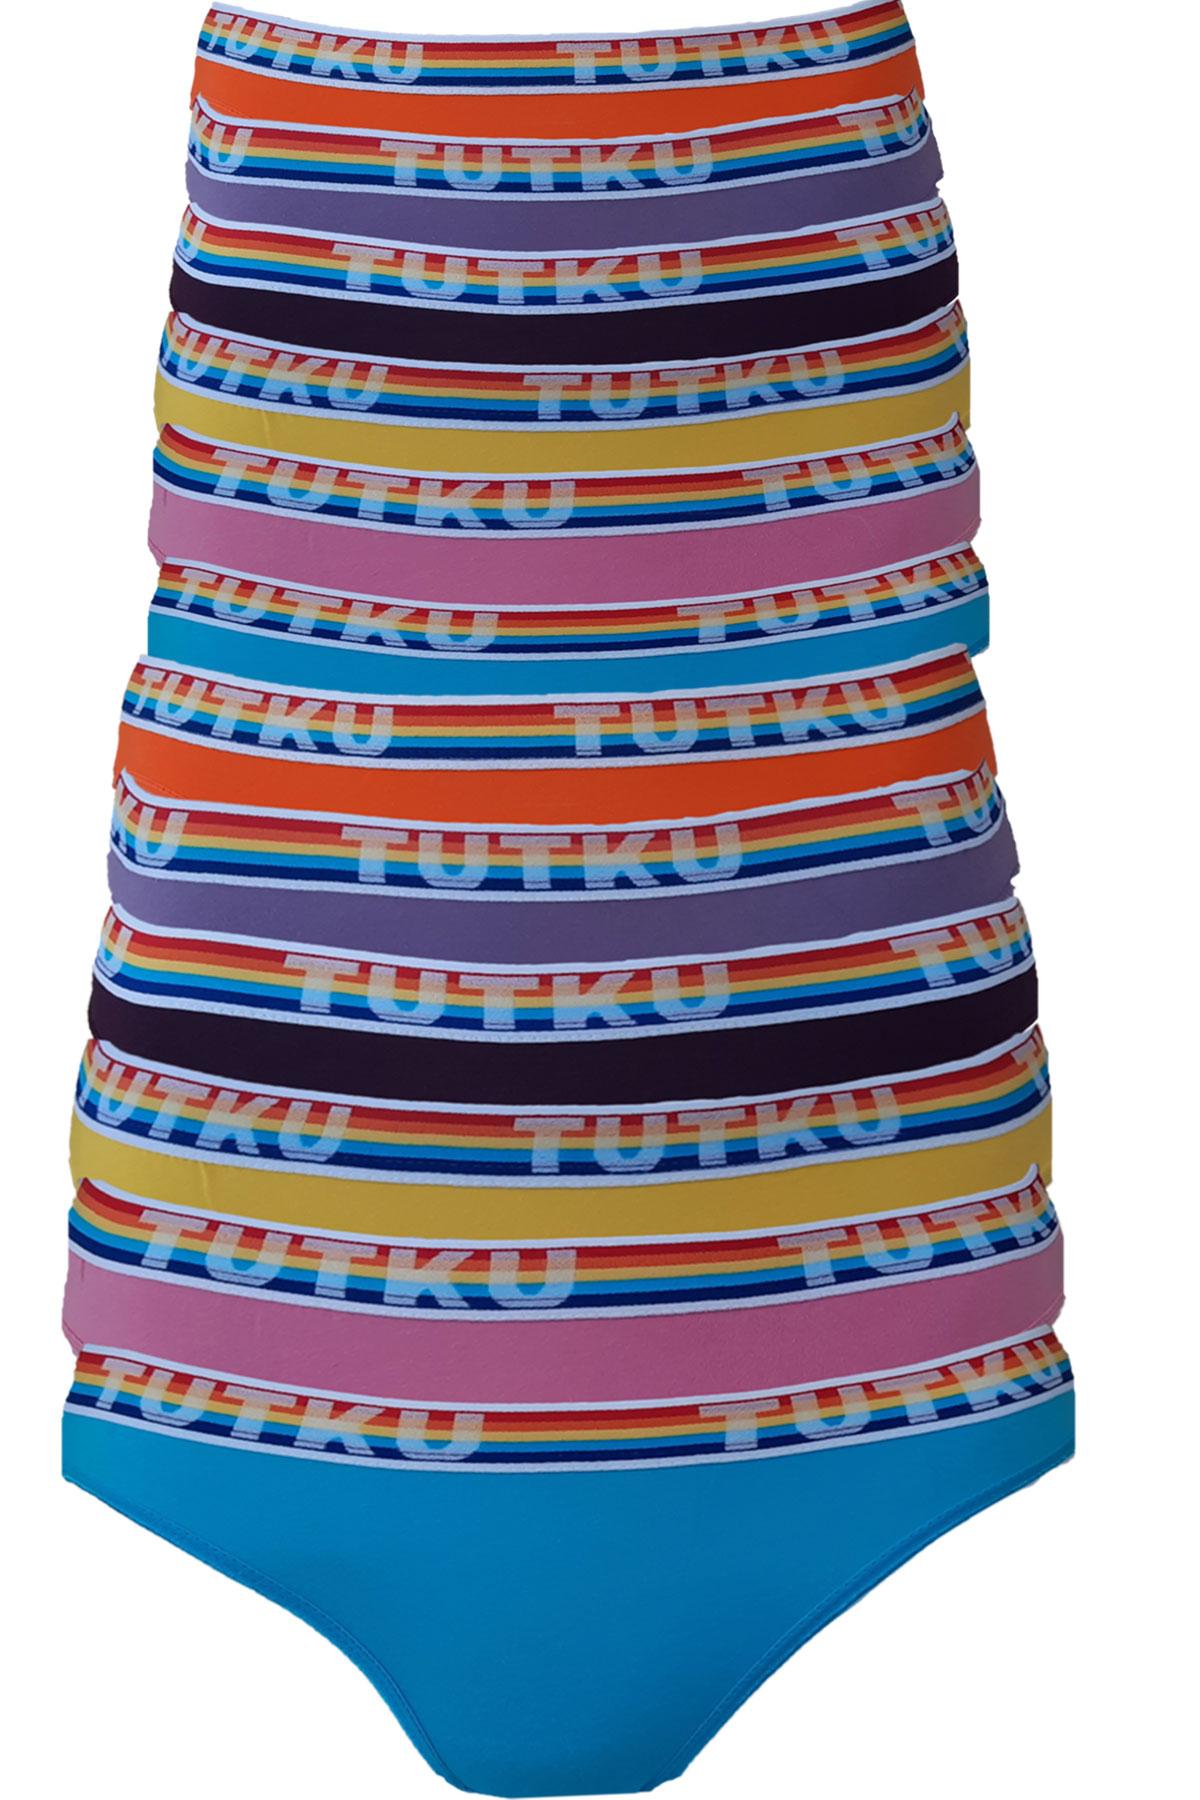 Tutku Kadın Bikini Külot Pamuklu Renkli İç Çamaşırı 12li Paket